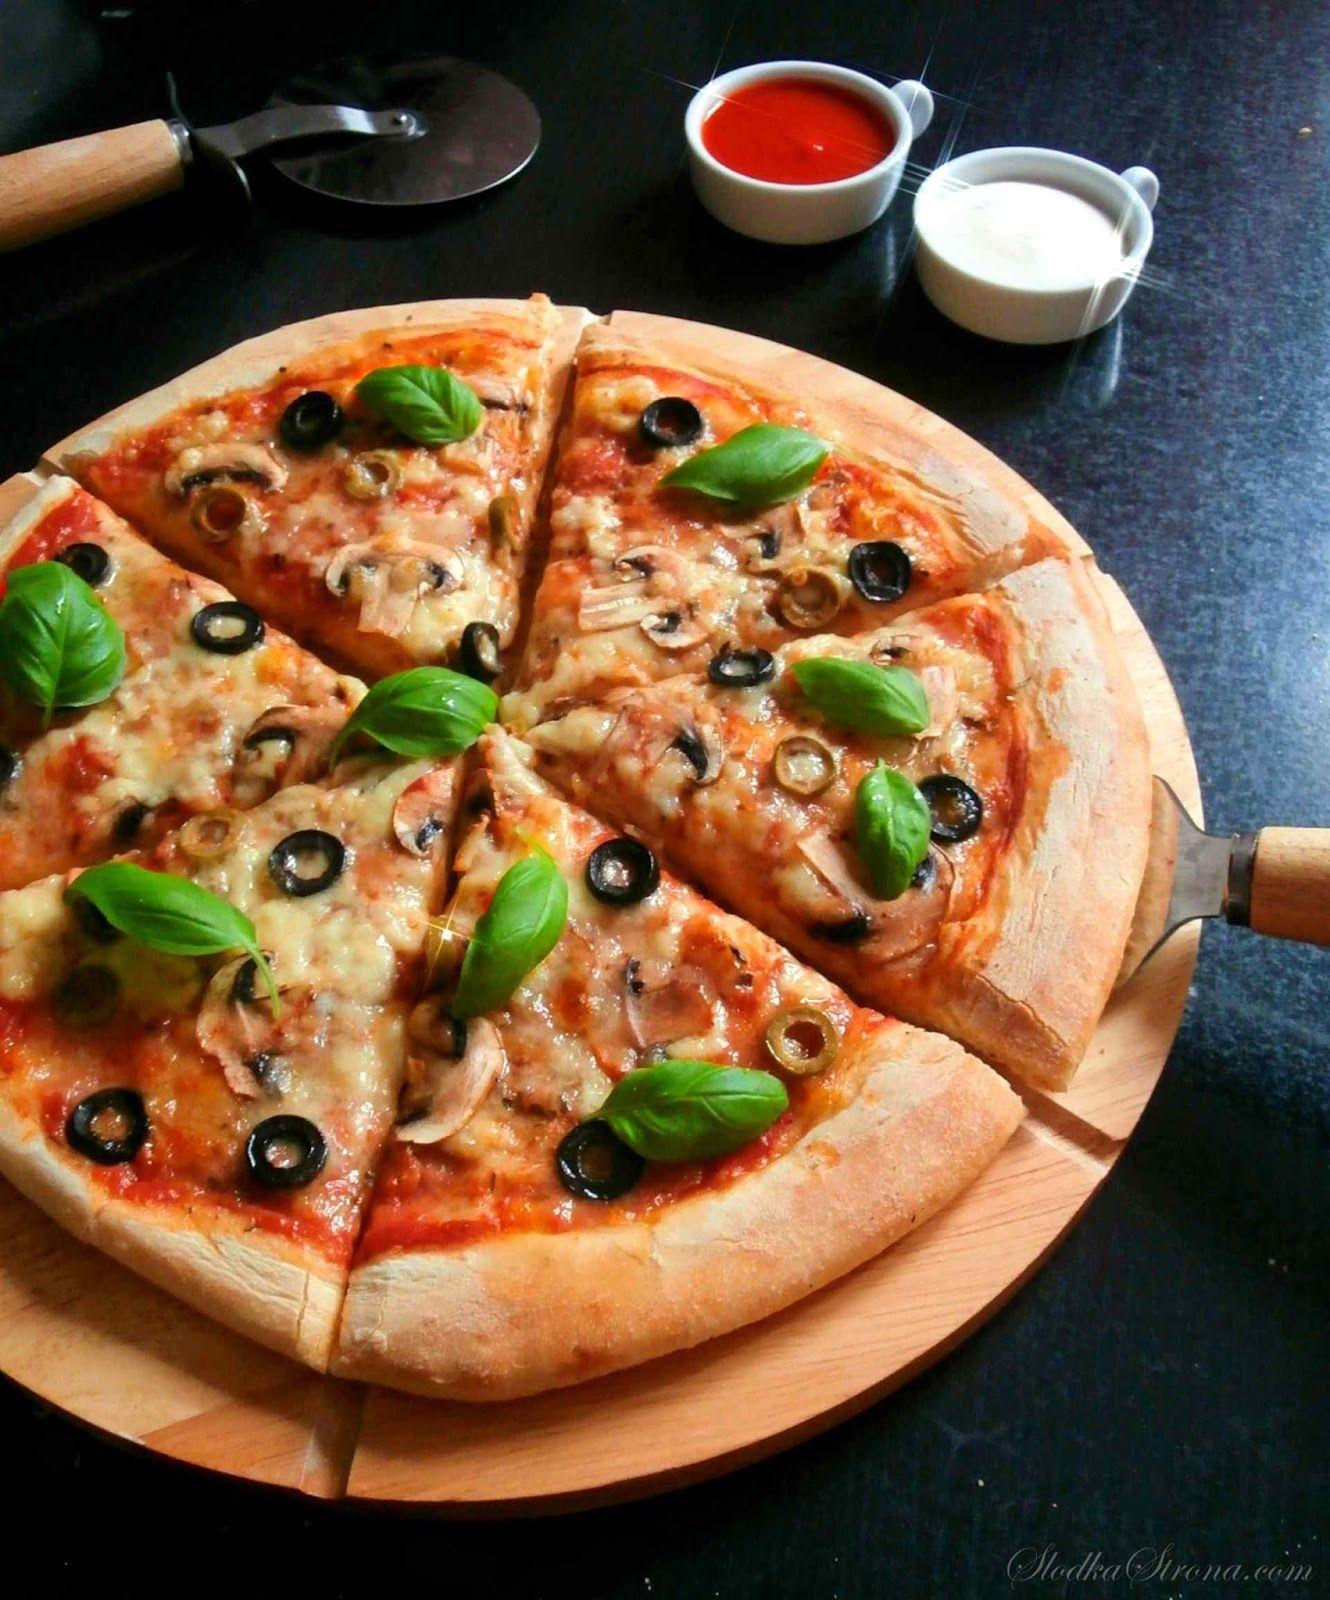 Najlepsze Ciasto Na Pizze Przepis Slodka Strona Good Pizza Best Pizza Dough Pizza Dough